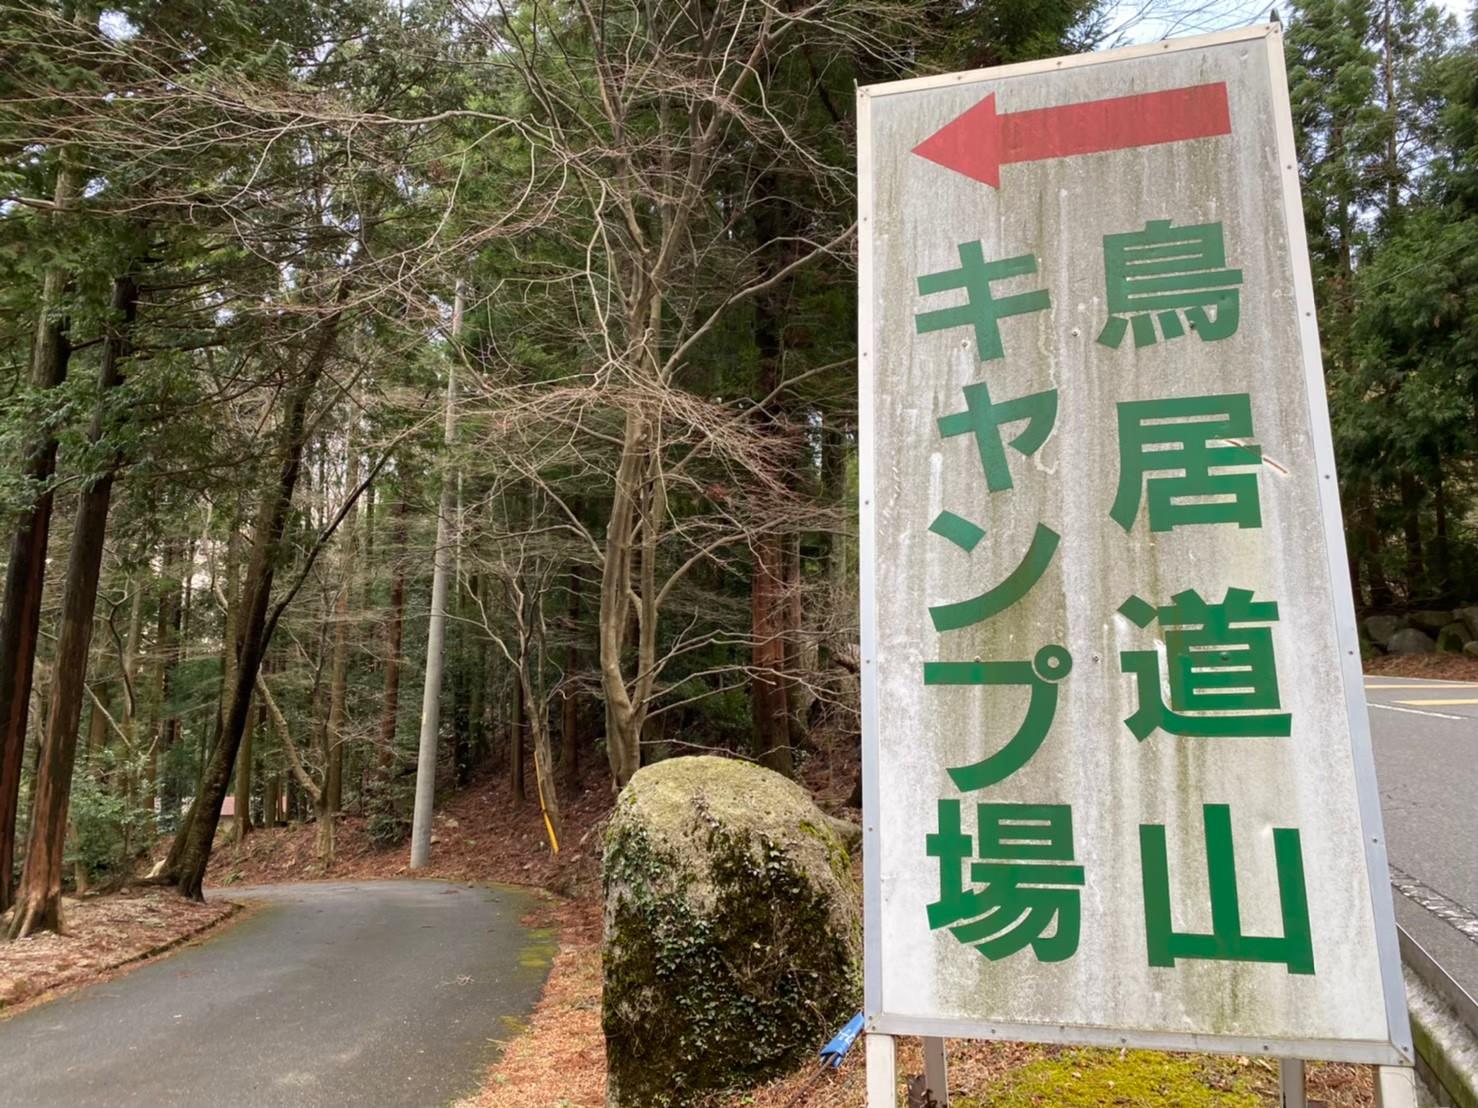 【三重県】名古屋近郊の穴場スポット!『鳥居道山キャンプ場』情報まとめ